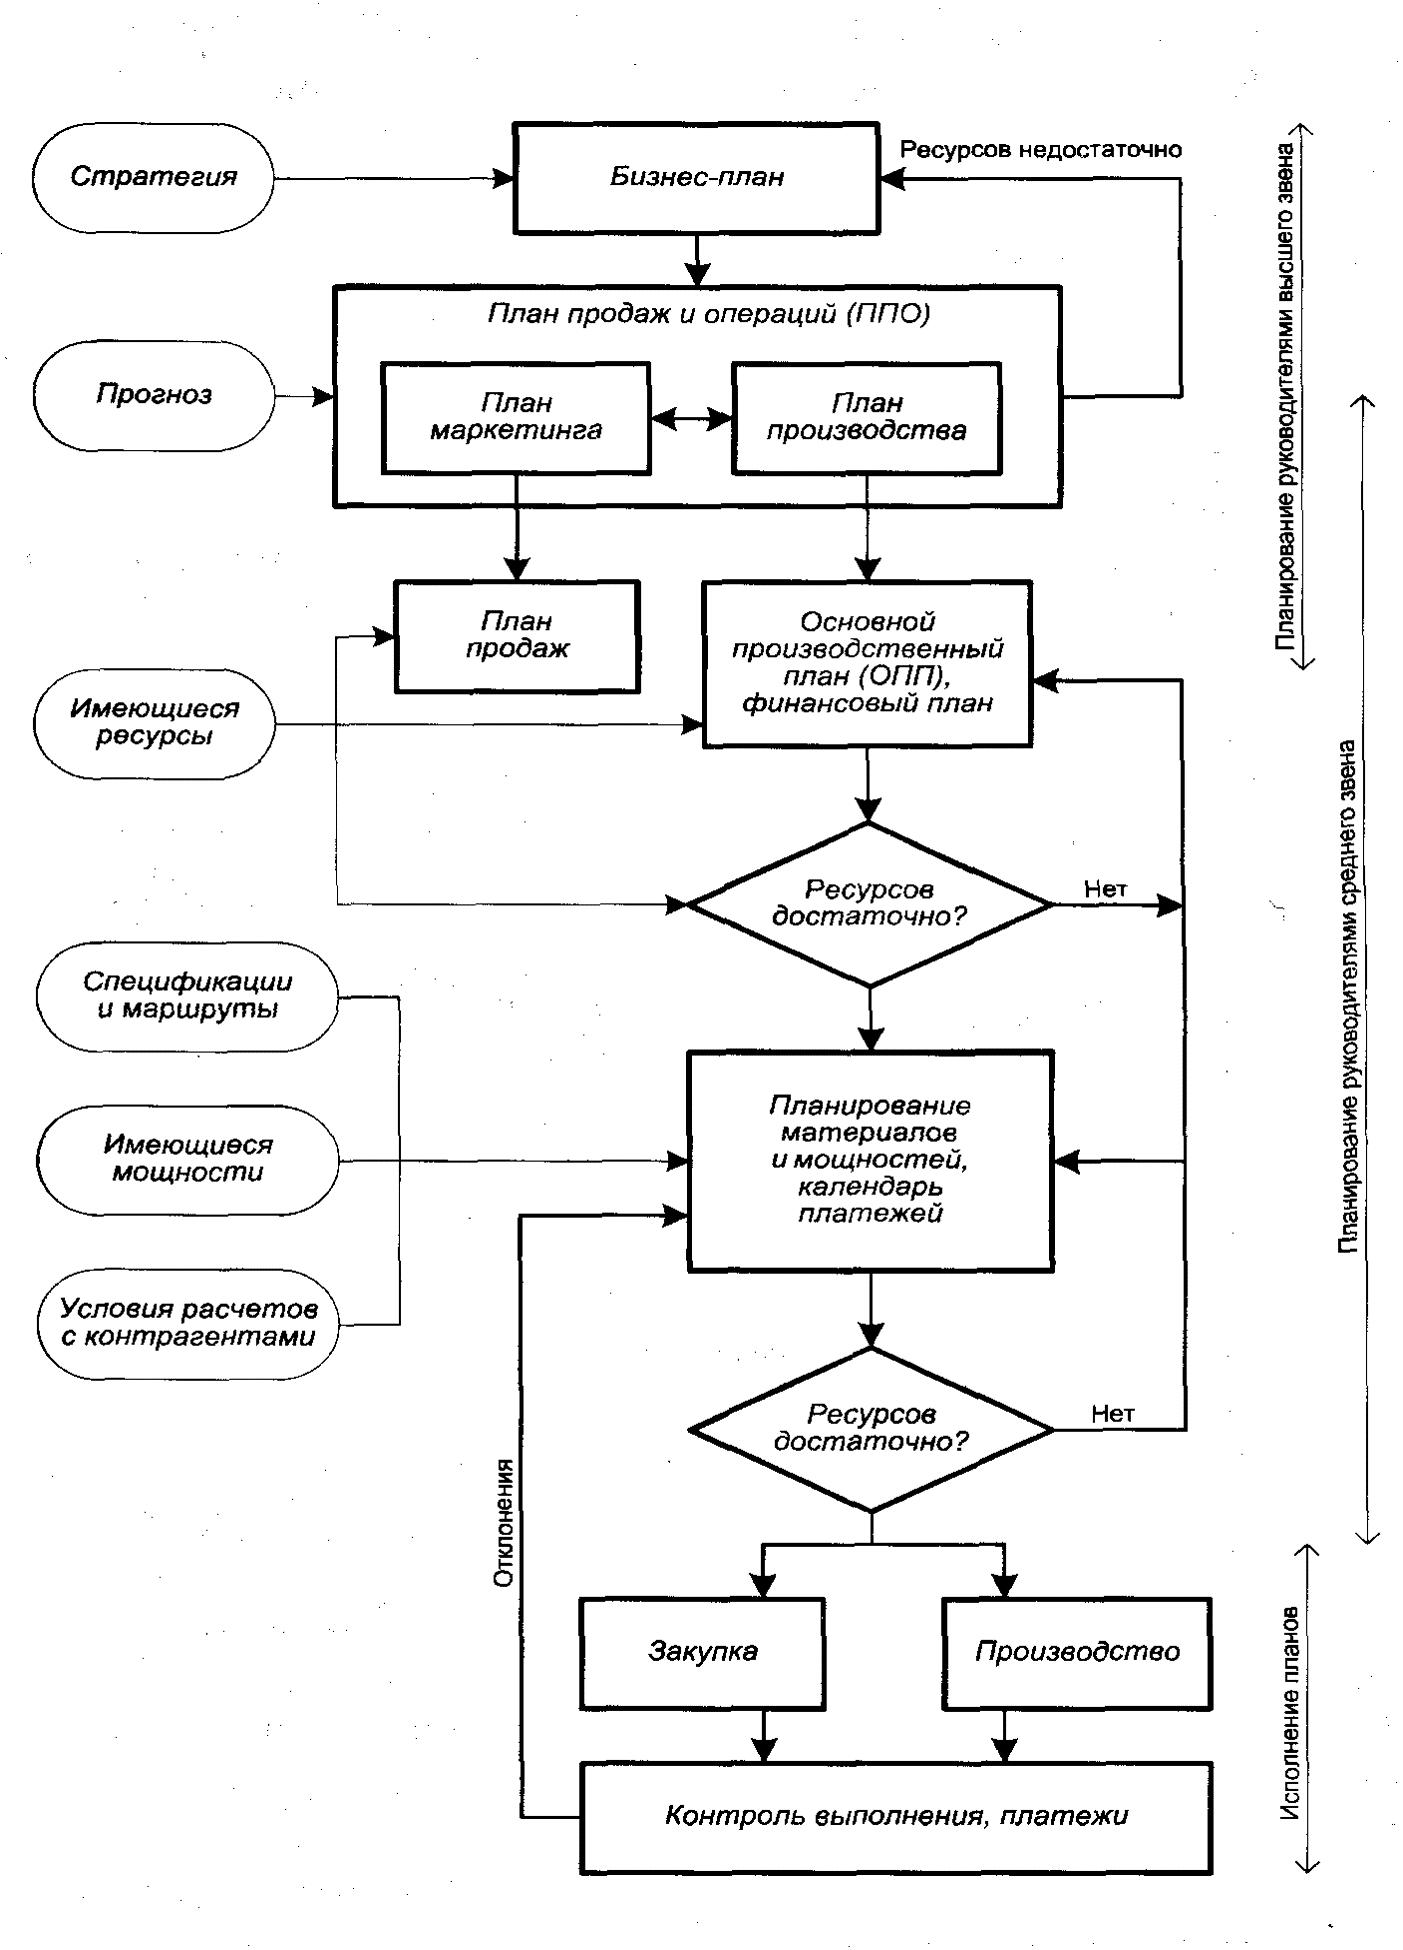 Планирование и управление деятельностью предприятия